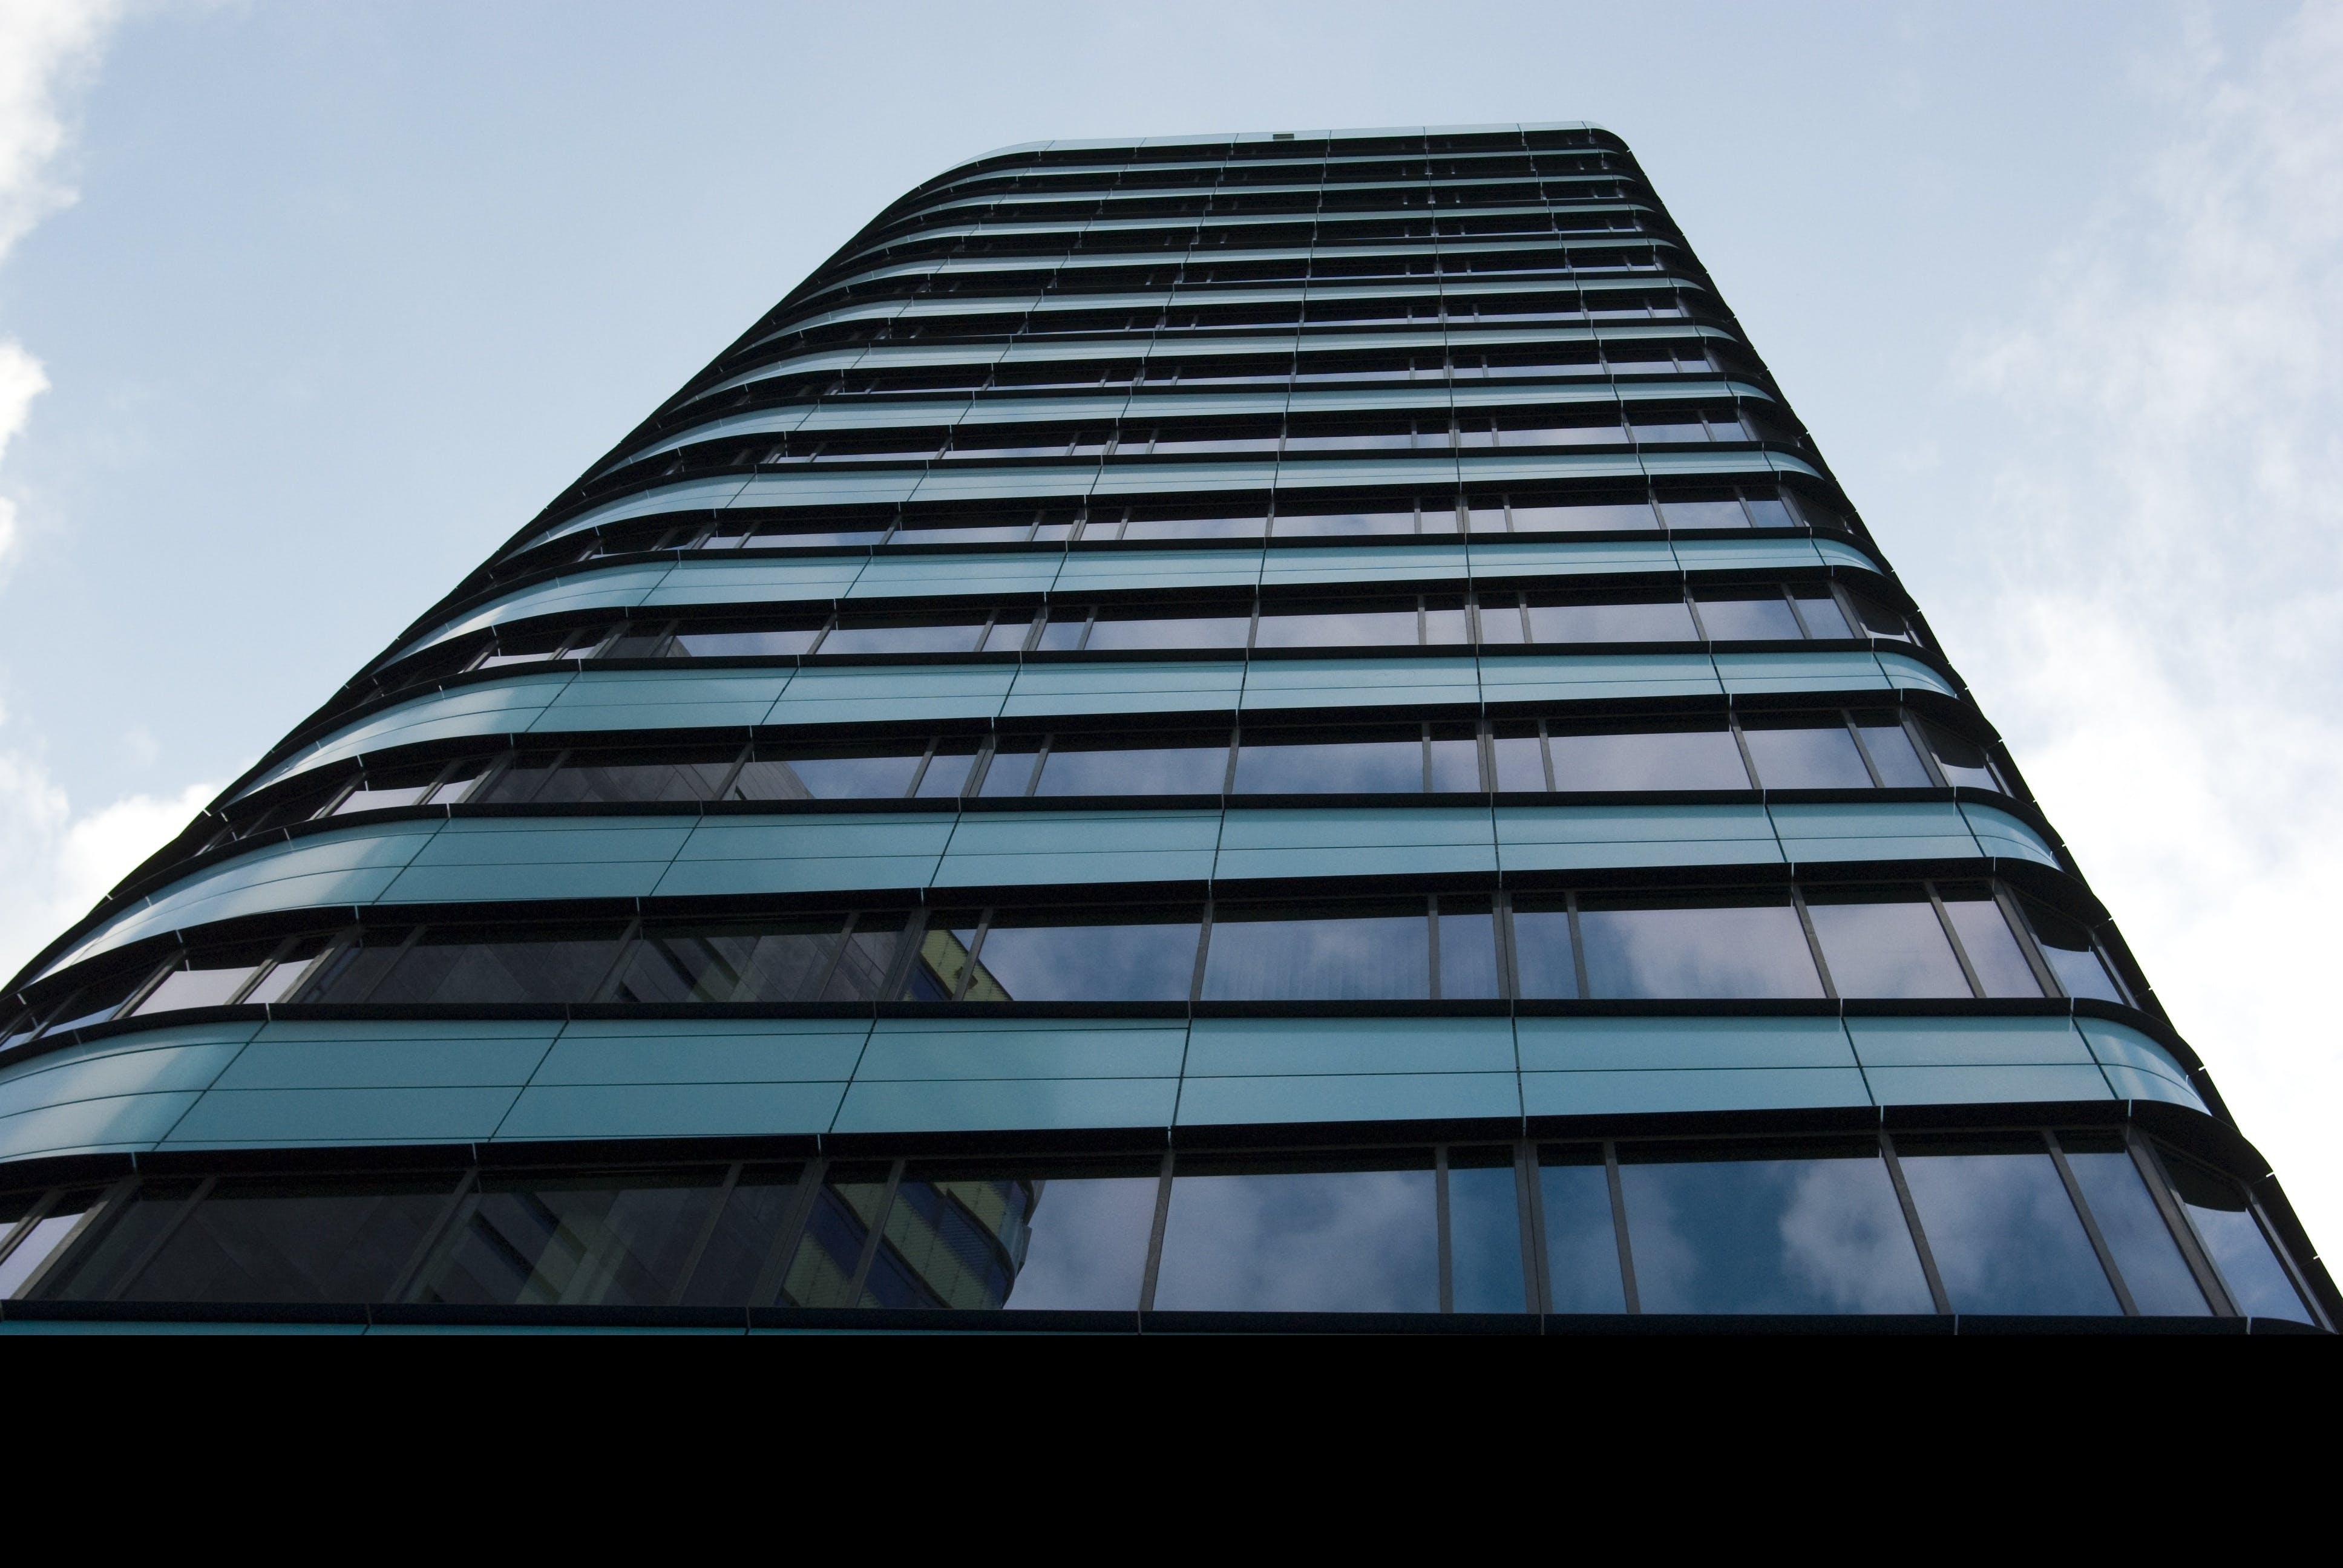 architecture, blue, building